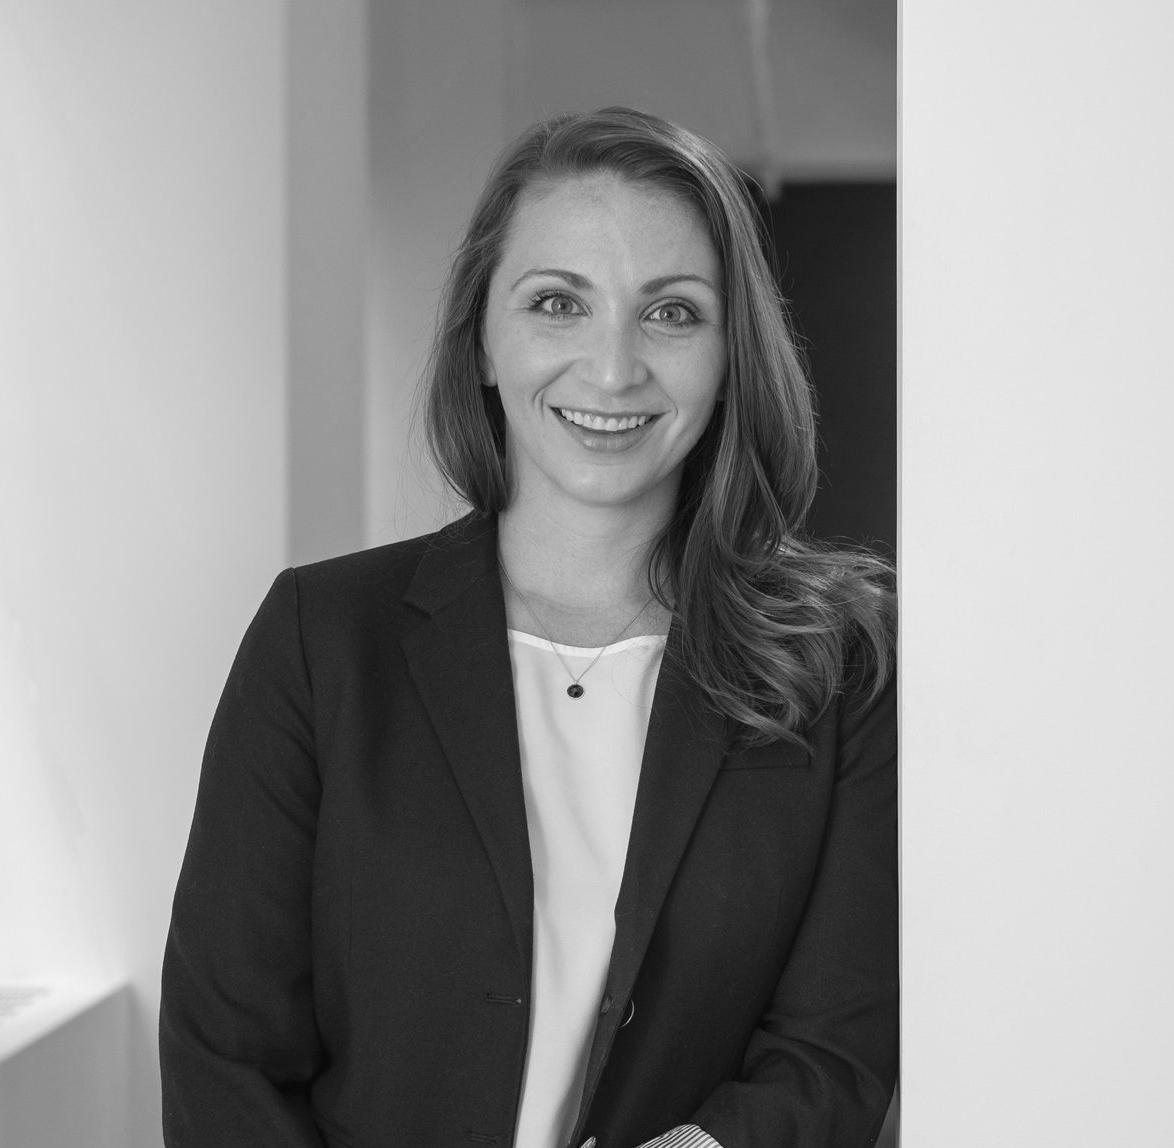 Tricia Ebner, Associate